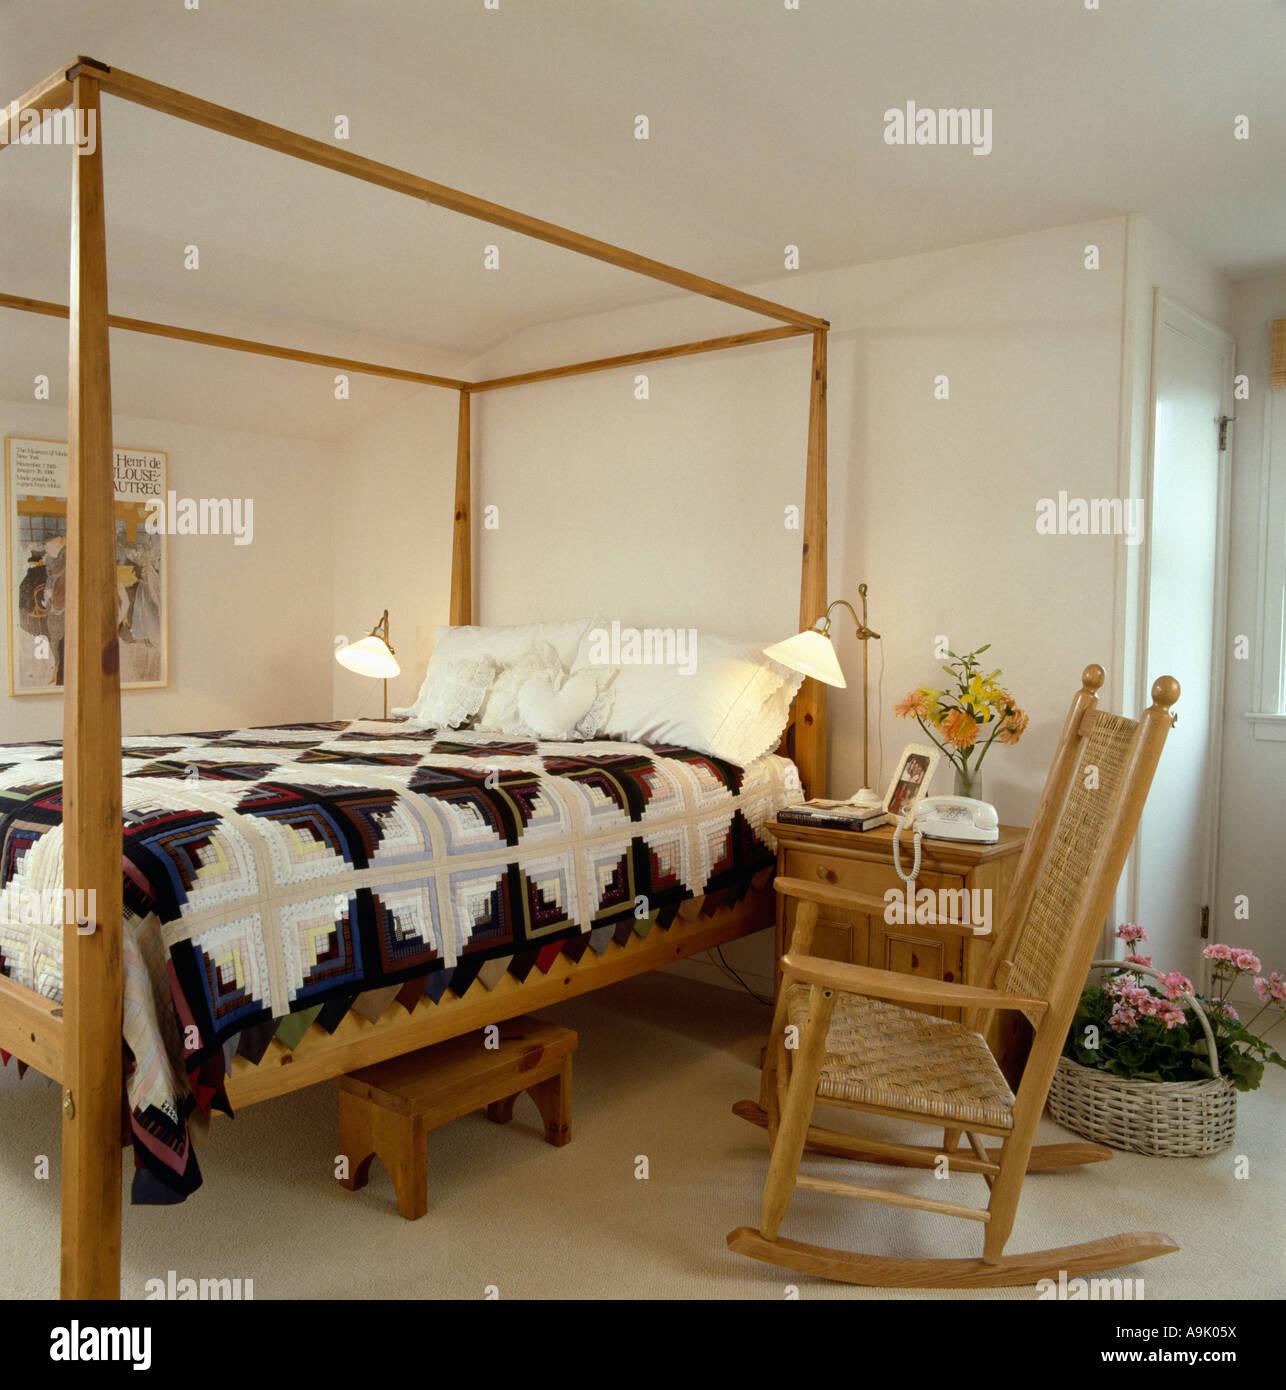 Schwarz / weiß Patchwork quilt auf Bett mit Holzrahmen in weiße ...